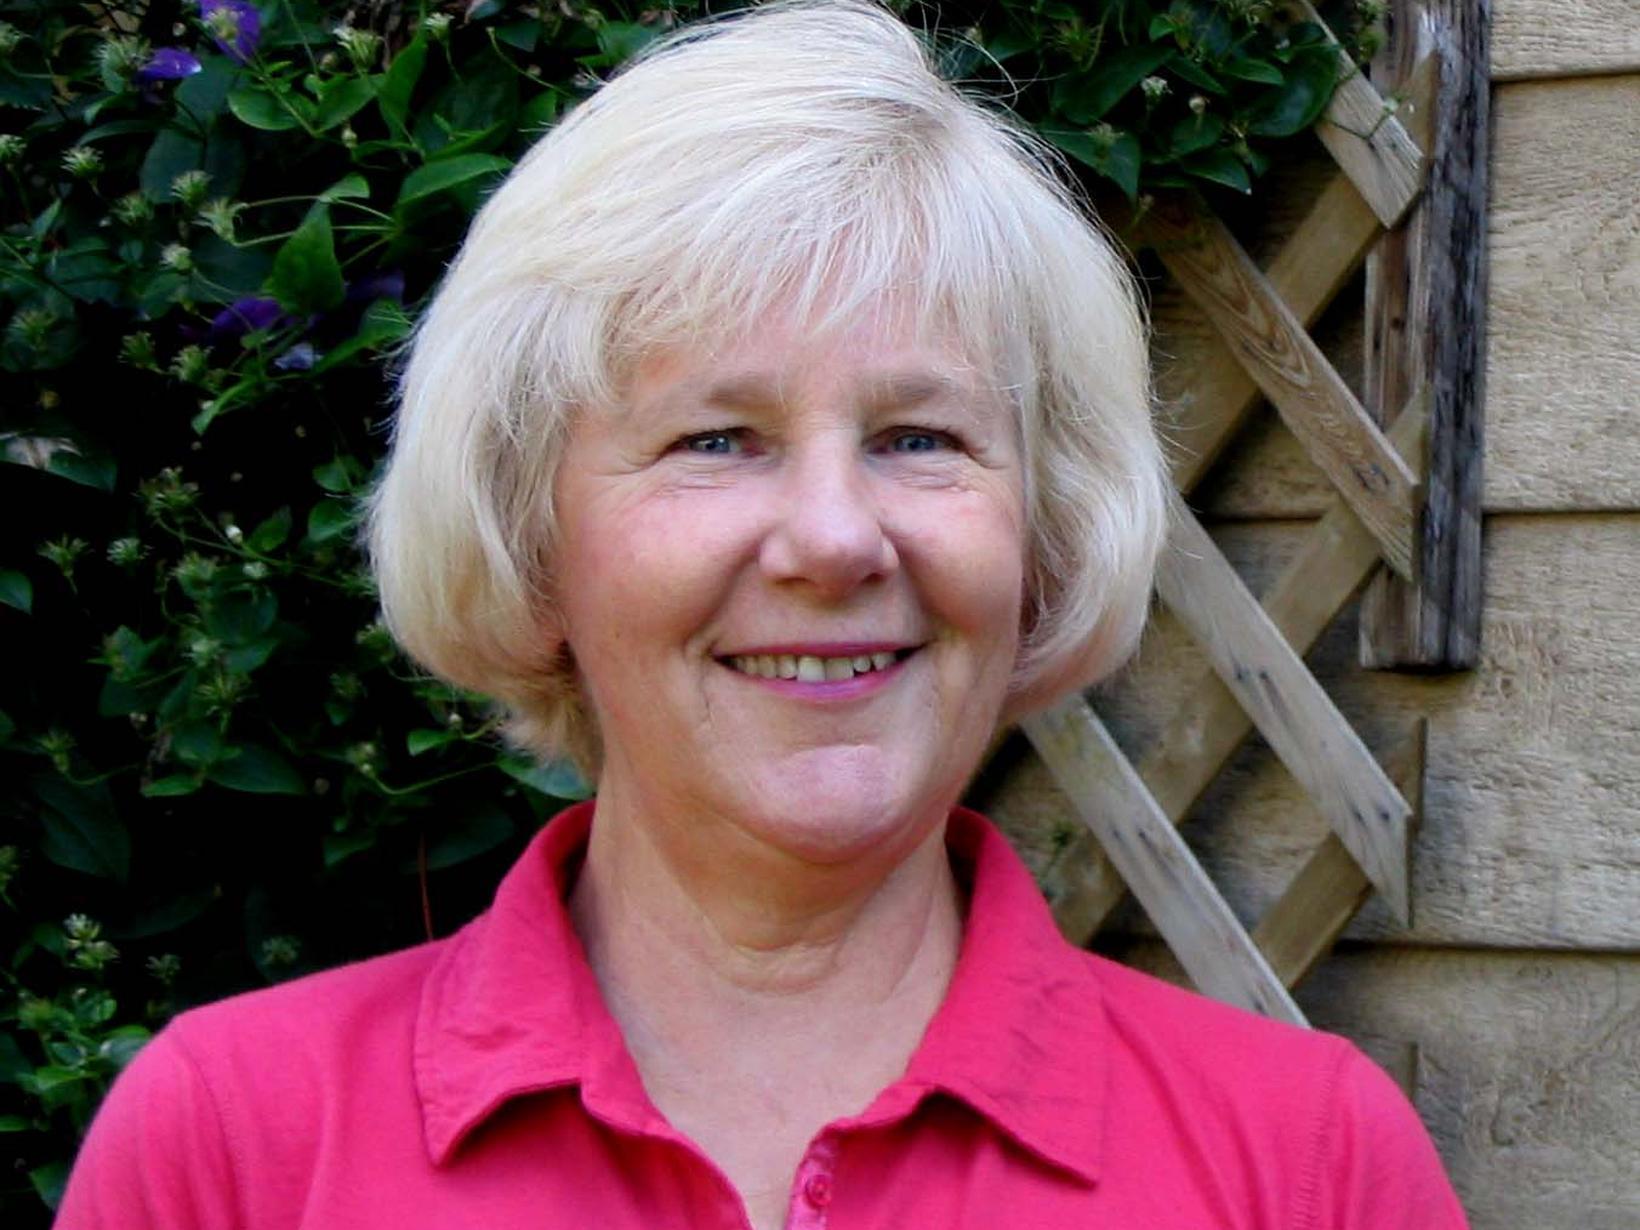 Pauline from Ottawa, Ontario, Canada